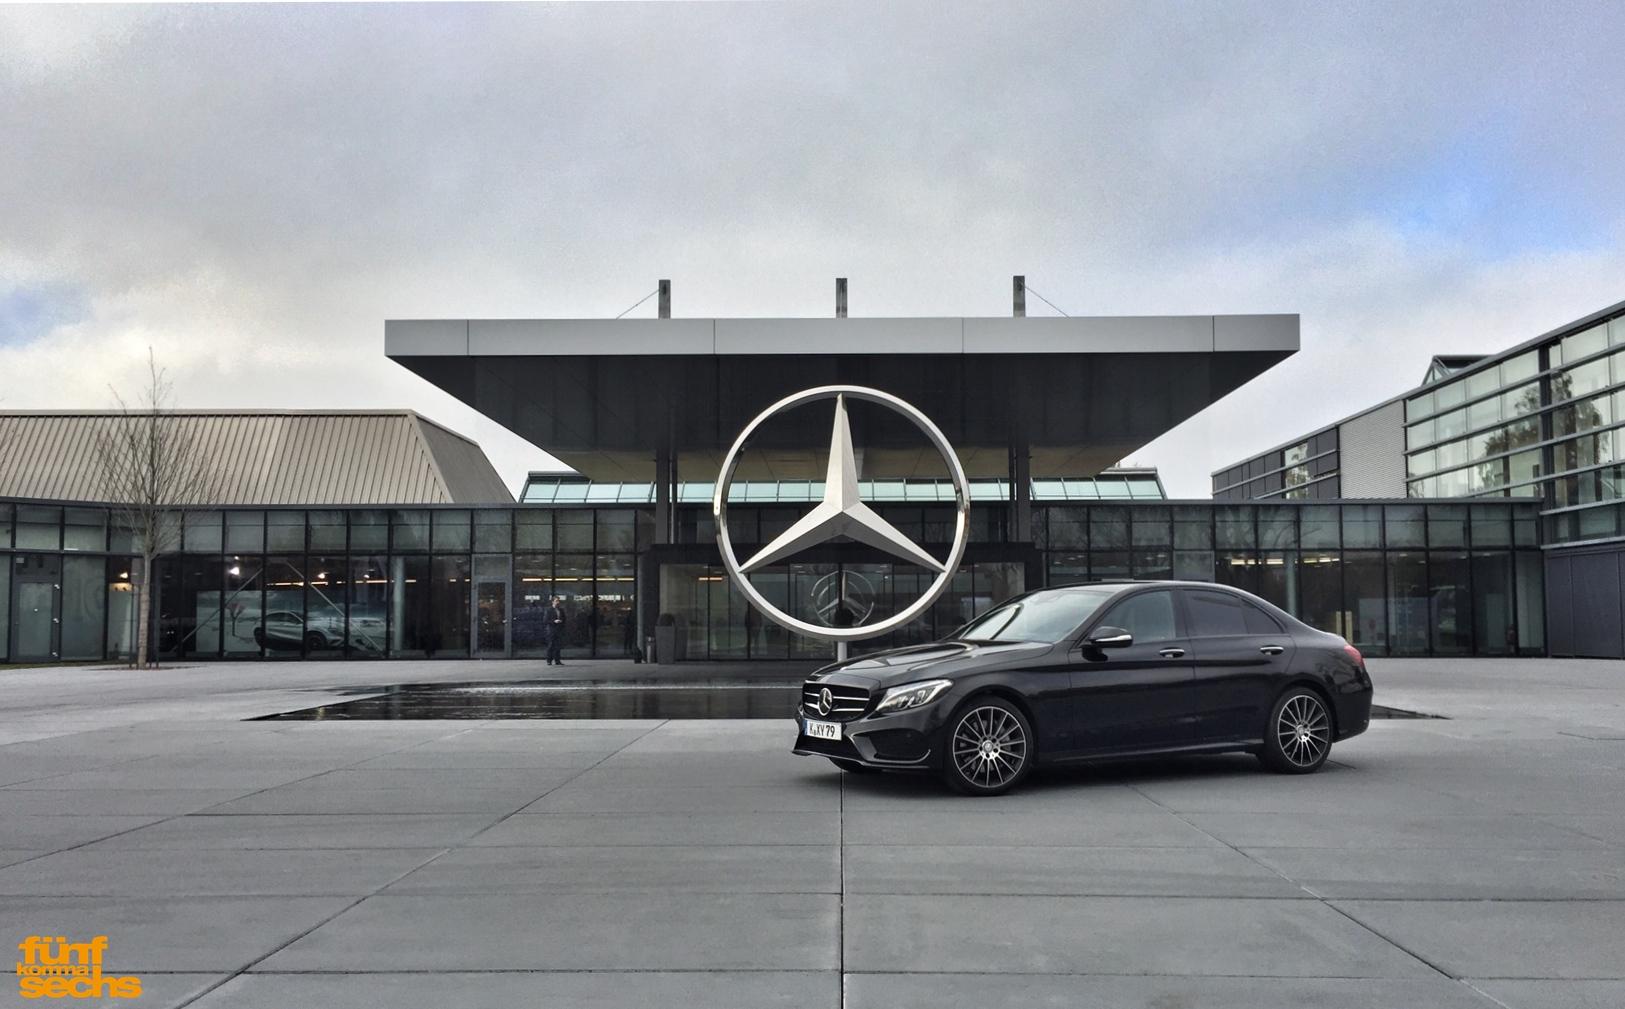 Mercedes Bremen Kundencenter lohnt ein neuwagen drei monate mit dem blackbird zwischenbilanz